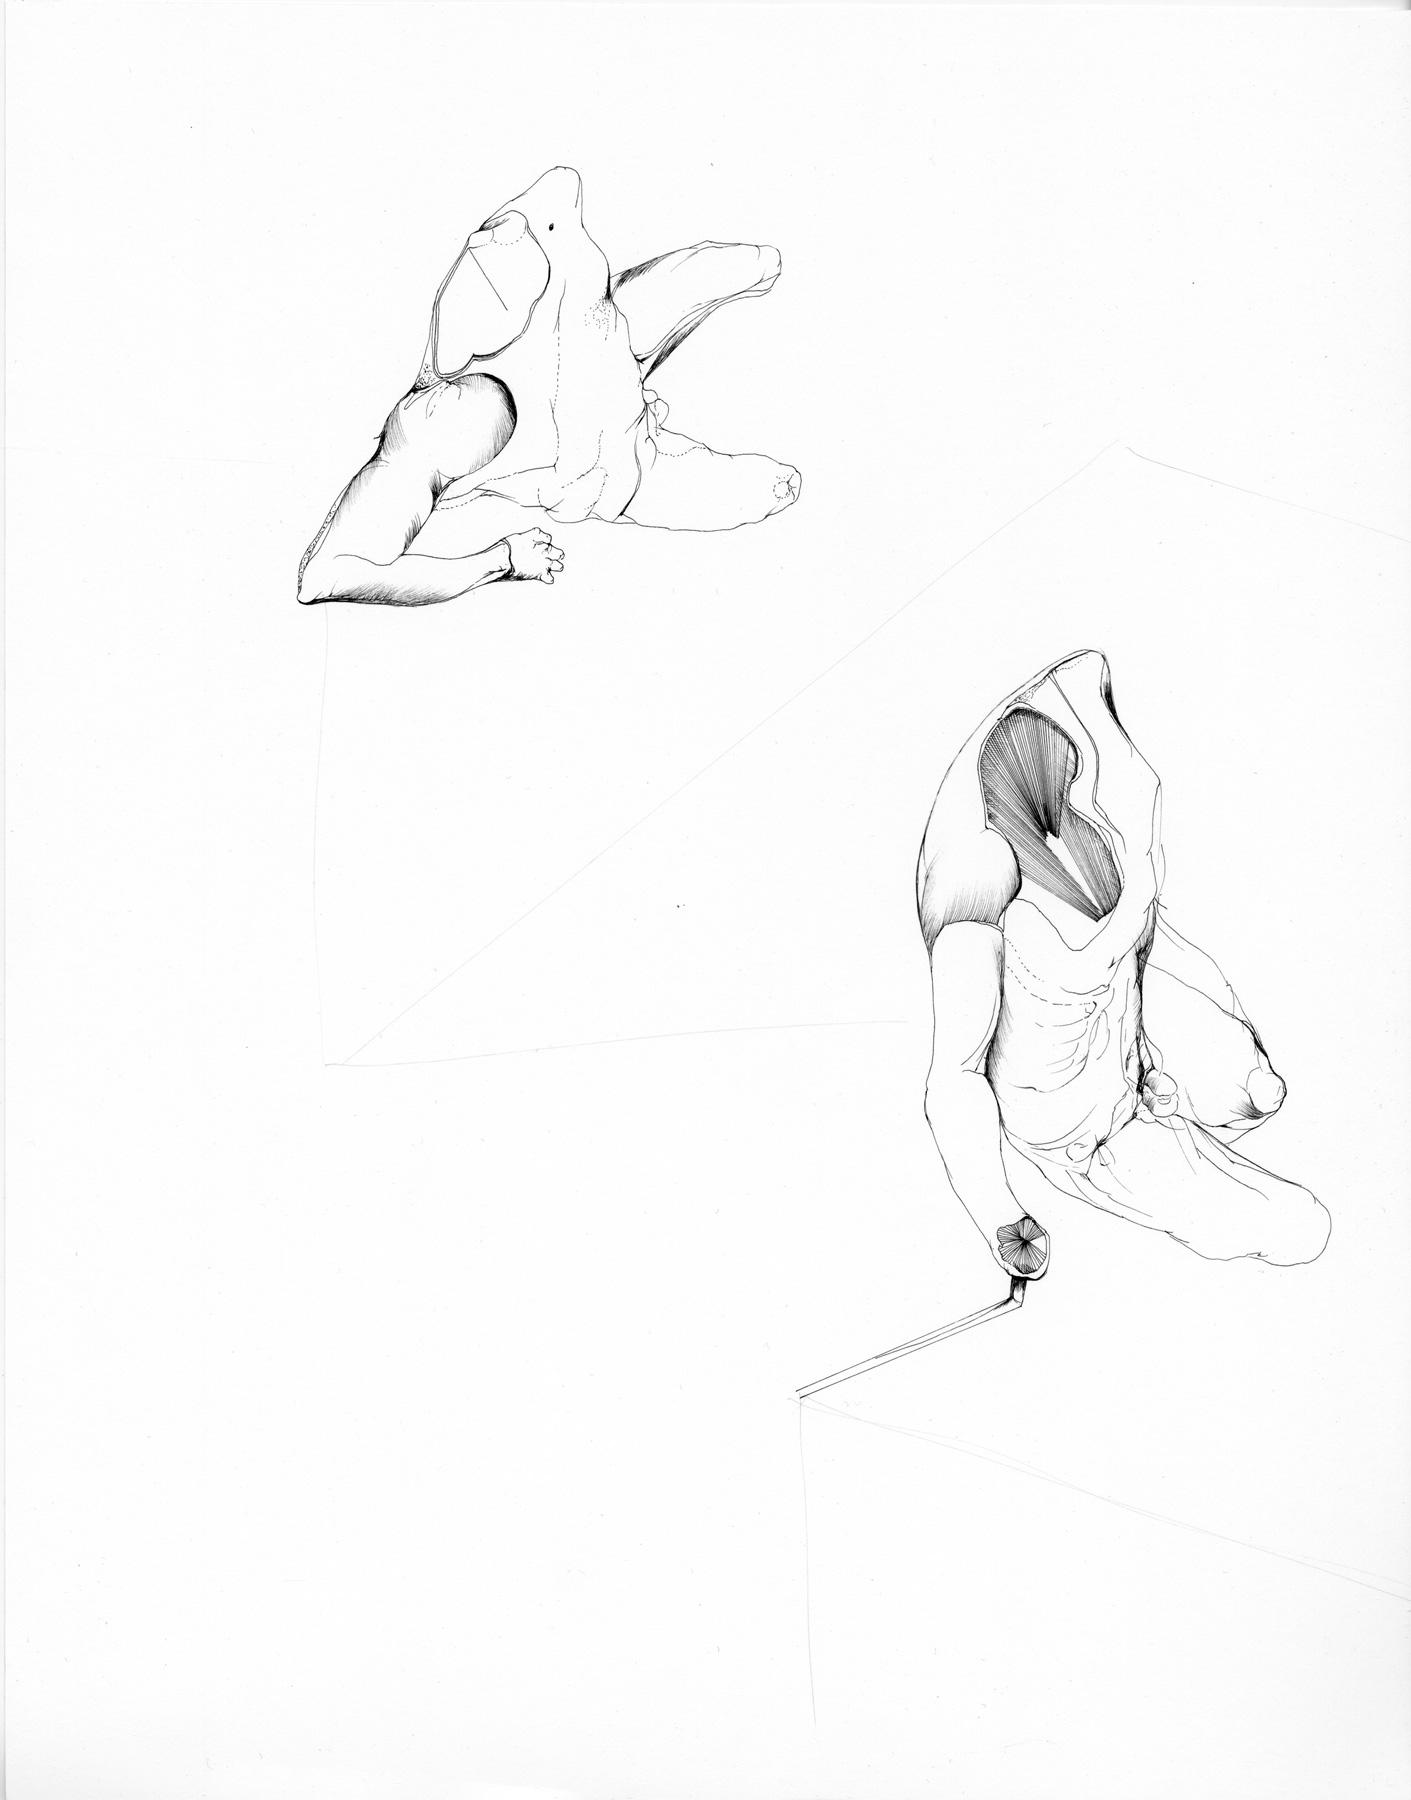 Nina Annabelle Märkl   Shifting Perceptions   Ink on Paper   35,5 x 27,5 cm   2016